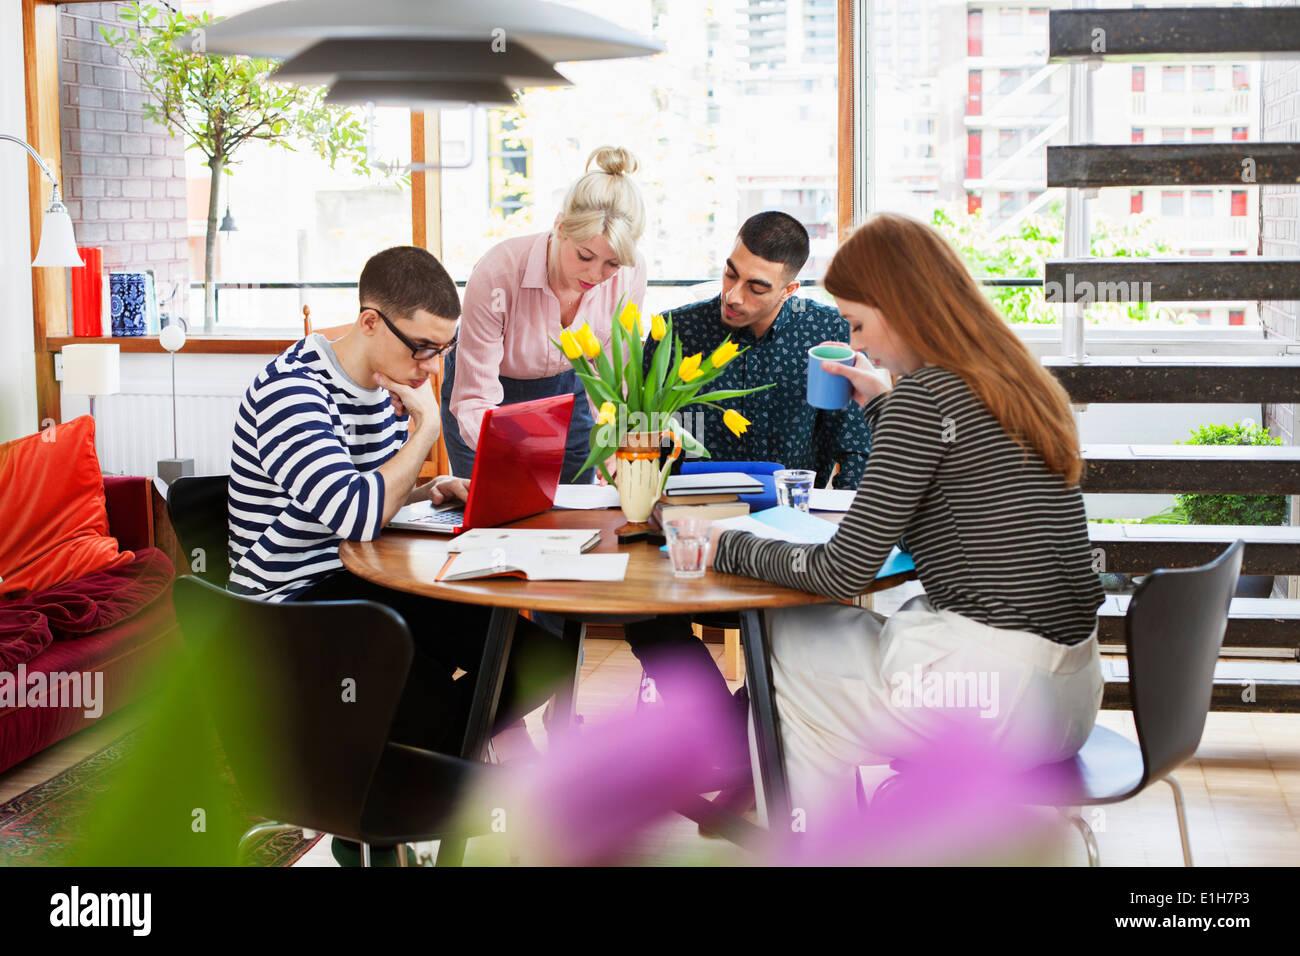 Cuatro adultos jóvenes sentados en torno a una mesa estudiando Imagen De Stock